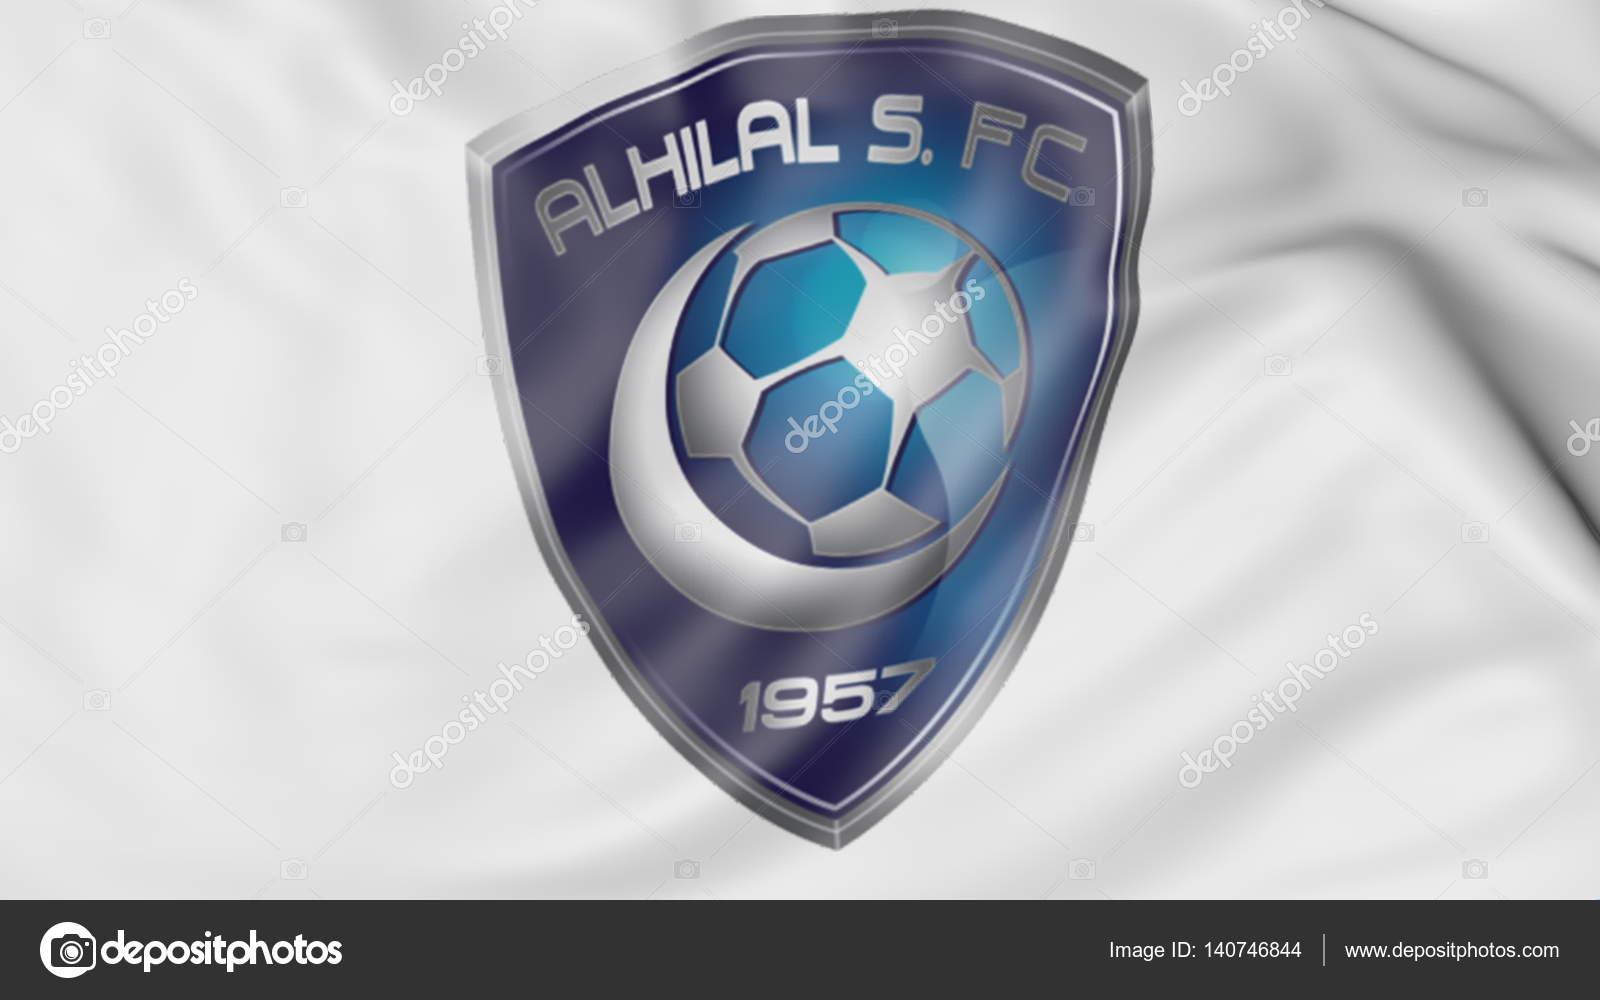 894dca0ca8d Close-up of waving flag with Al Hilal FC football club logo